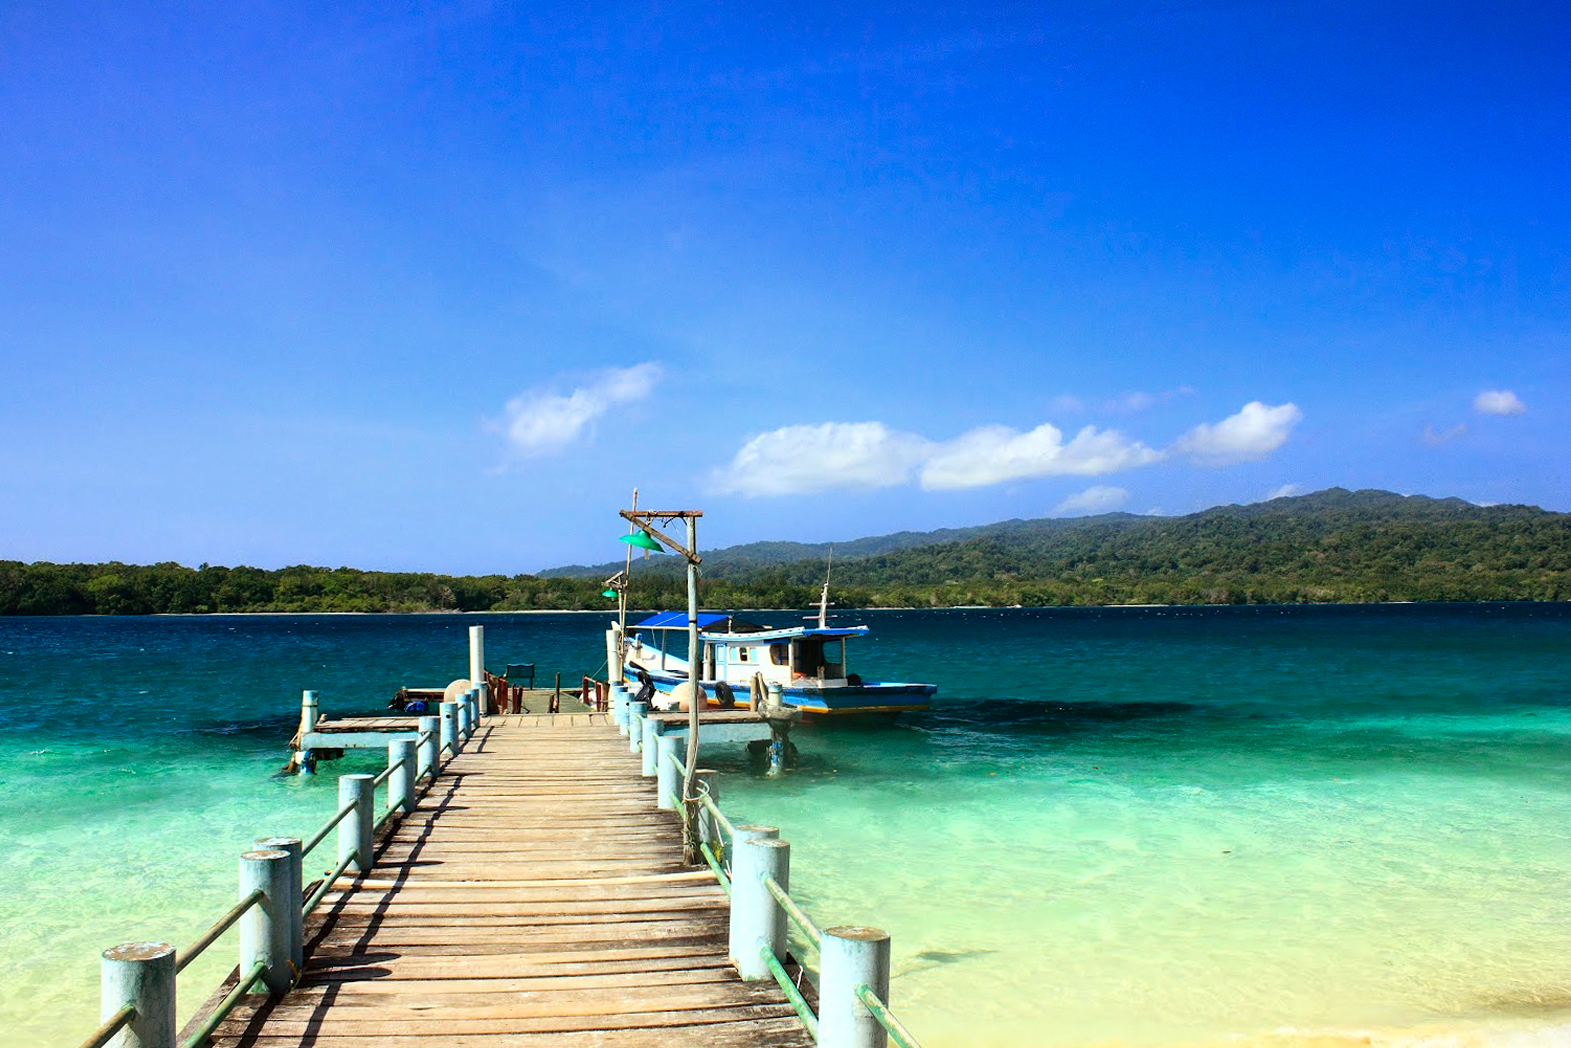 Wisata Pulau Peucang Banten Bantenwisata Umang Kab Pandeglang